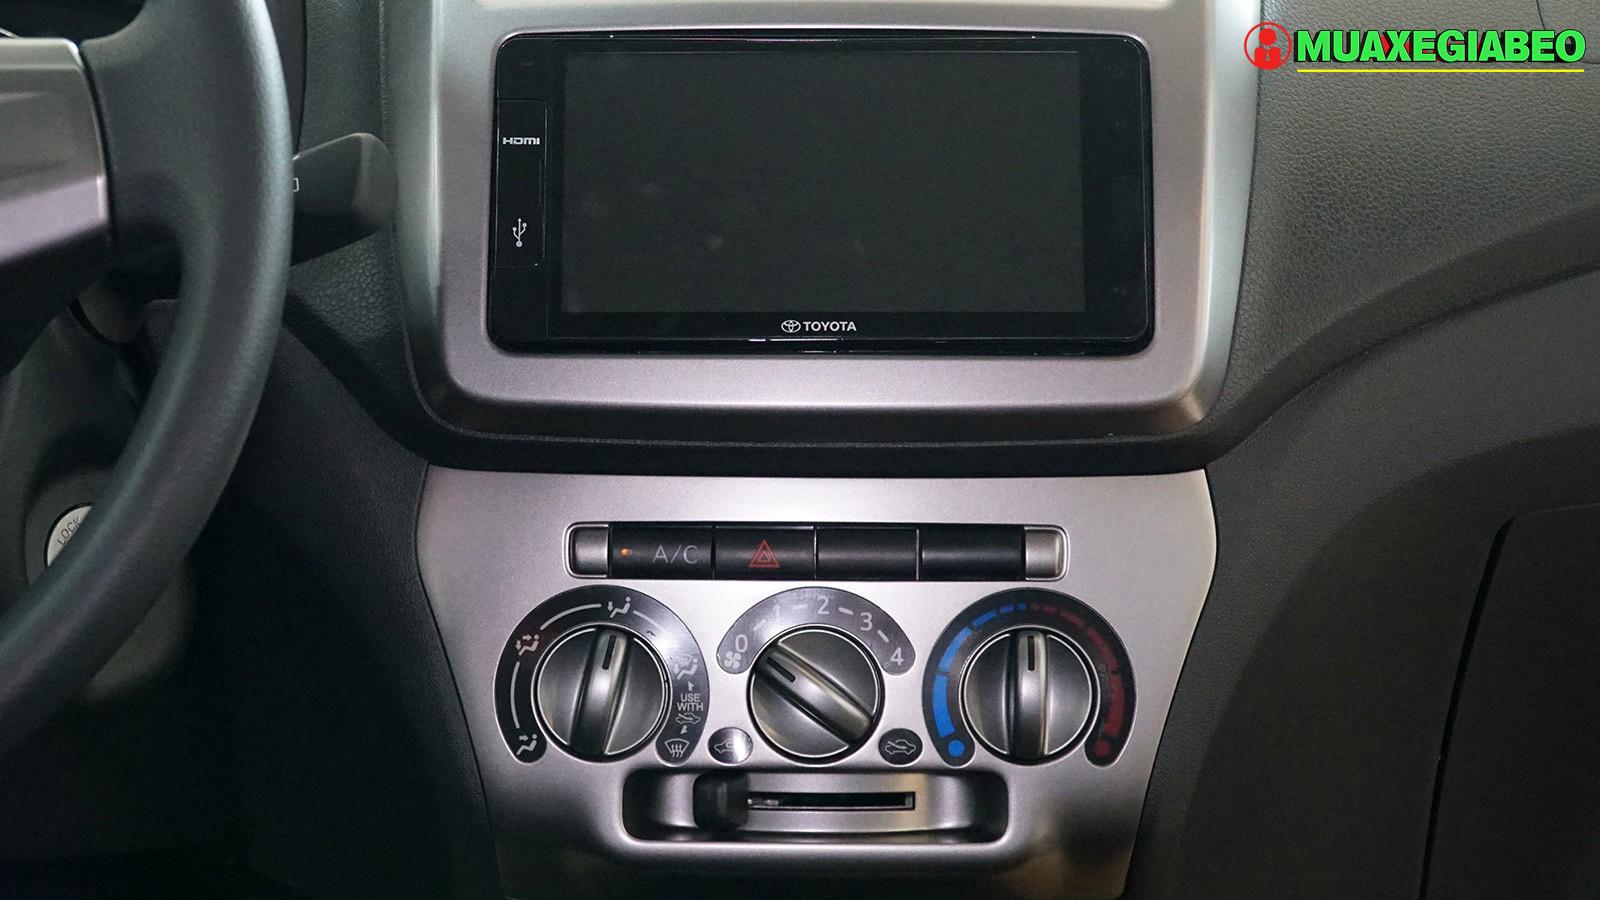 Đánh giá tổng quan về Toyota Wigo AT số tự động phiên bản cao cấp ảnh 11 - Wigo 1.2AT [hienthinam] (số tự động): giá xe và khuyến mãi mới